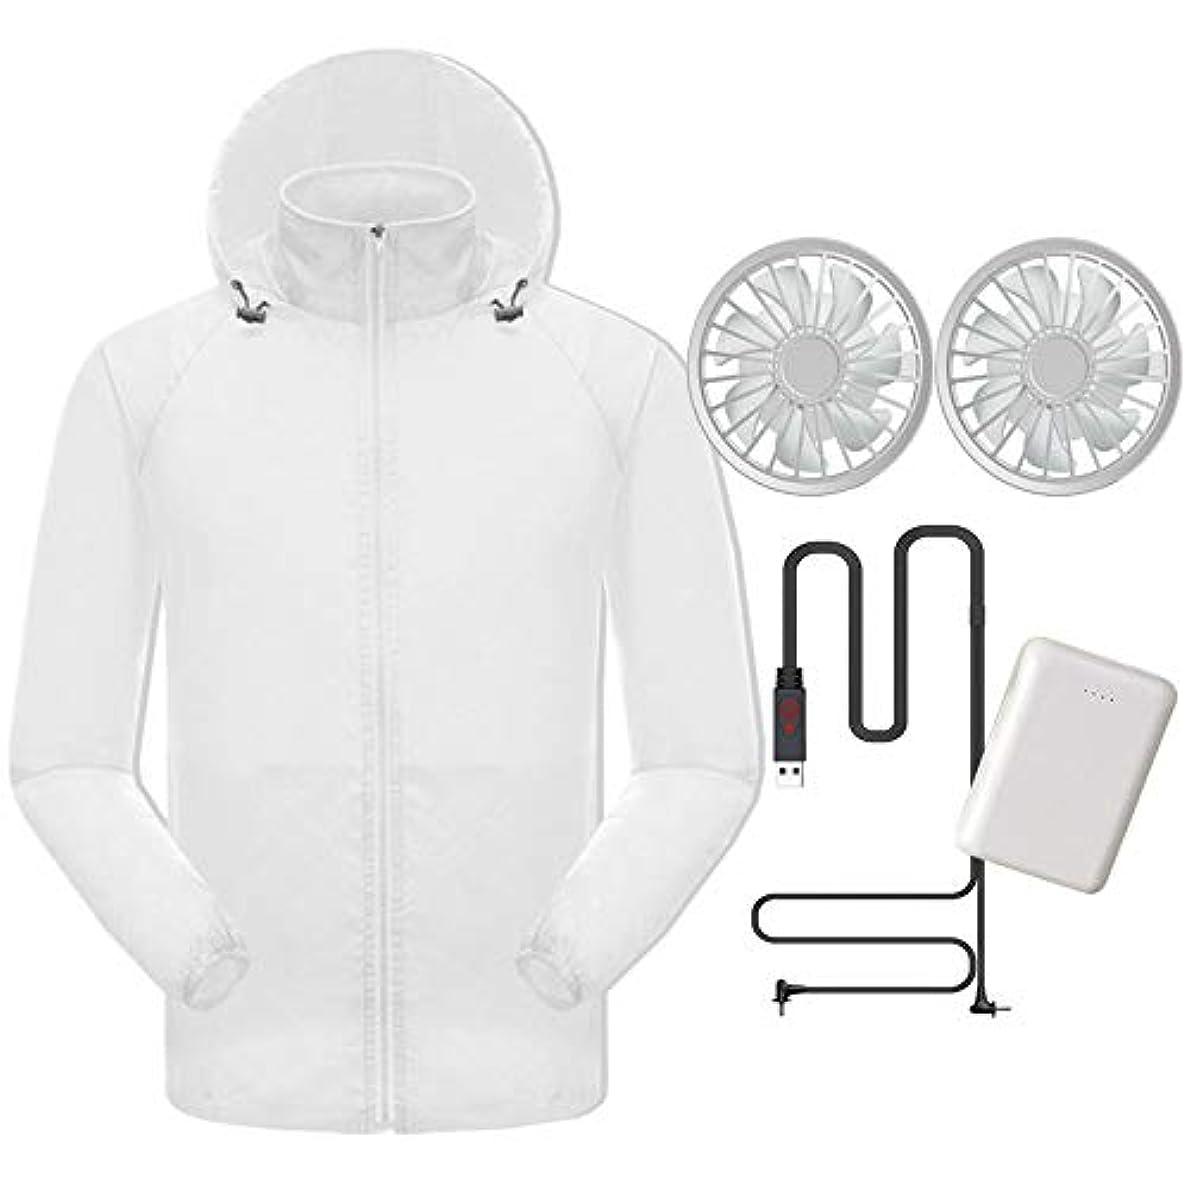 乳トライアスリートせせらぎ夏のスマート冷たい服日焼け止め衣類肌の服男性と女性のアンチスプラッシュ釣り服ファンエアコン衣料品(充電宝物が含まれています),White,XXL